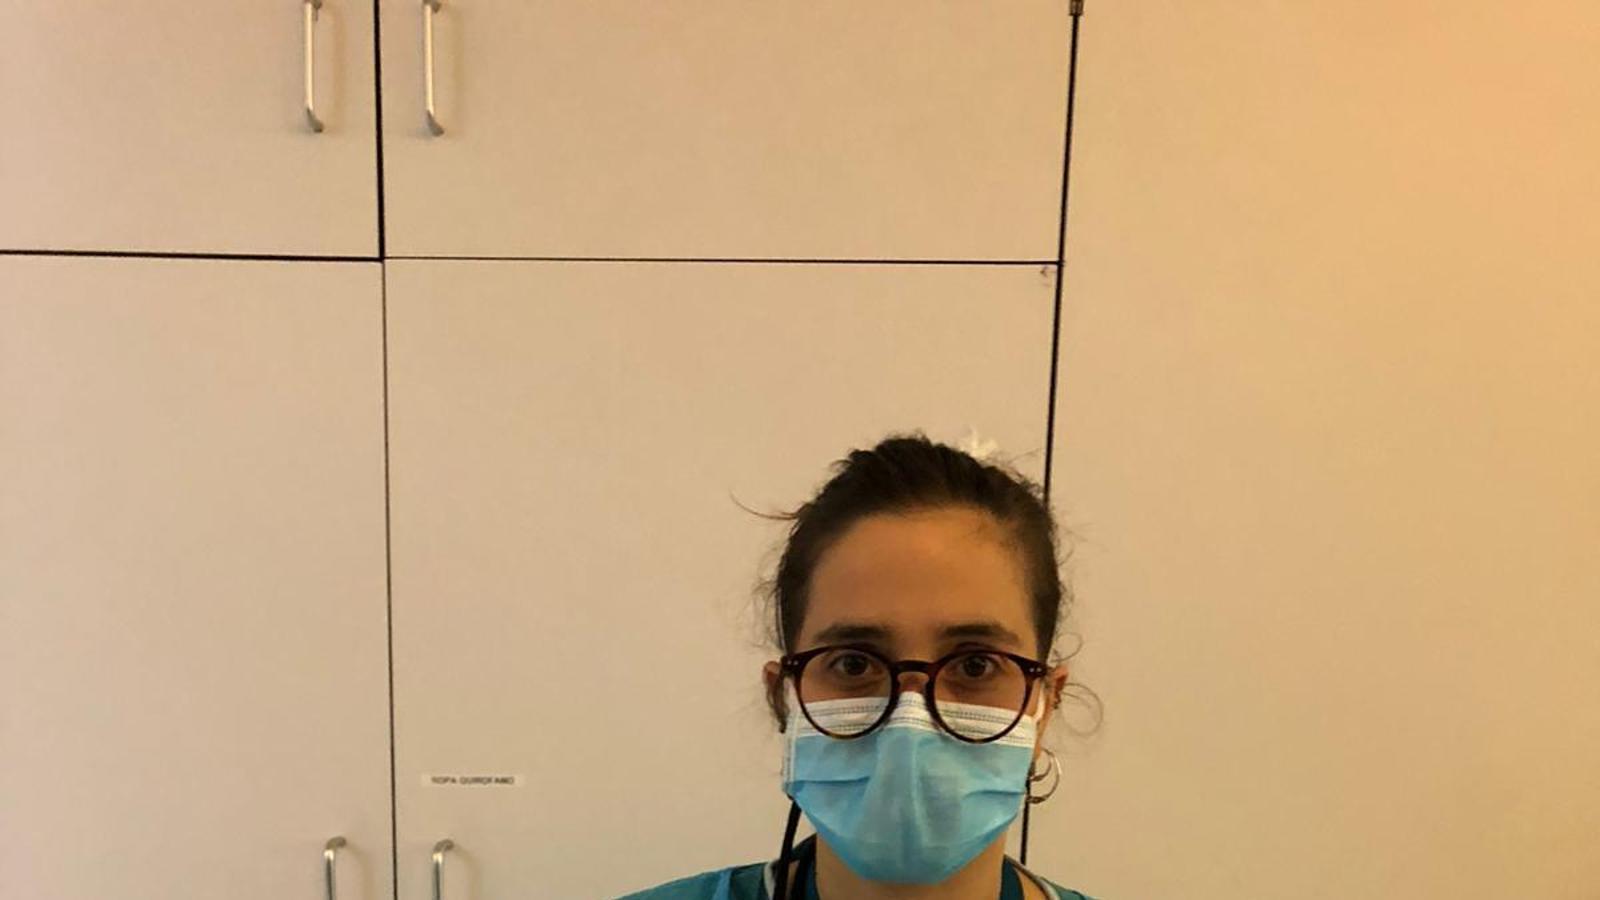 Marina Nebot és infermera a la Maternitat de l'Hospital Clínic